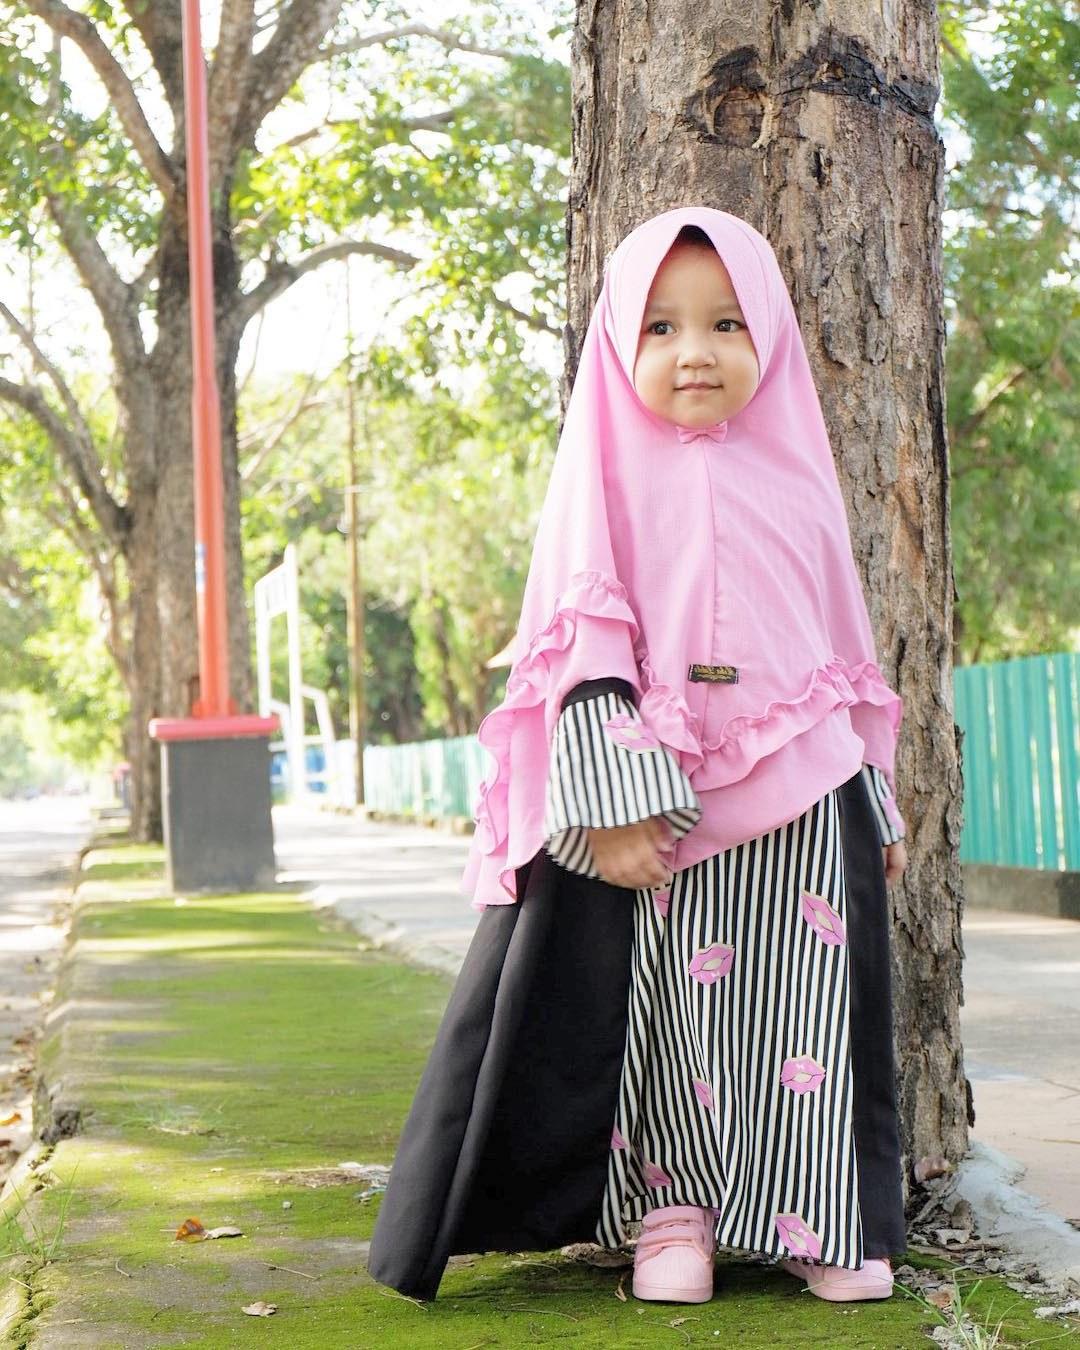 Inspirasi Baju Lebaran Yang Cantik E9dx Cara Mudah Memilih Baju Untuk Lebaran Anak Perempuan Yang